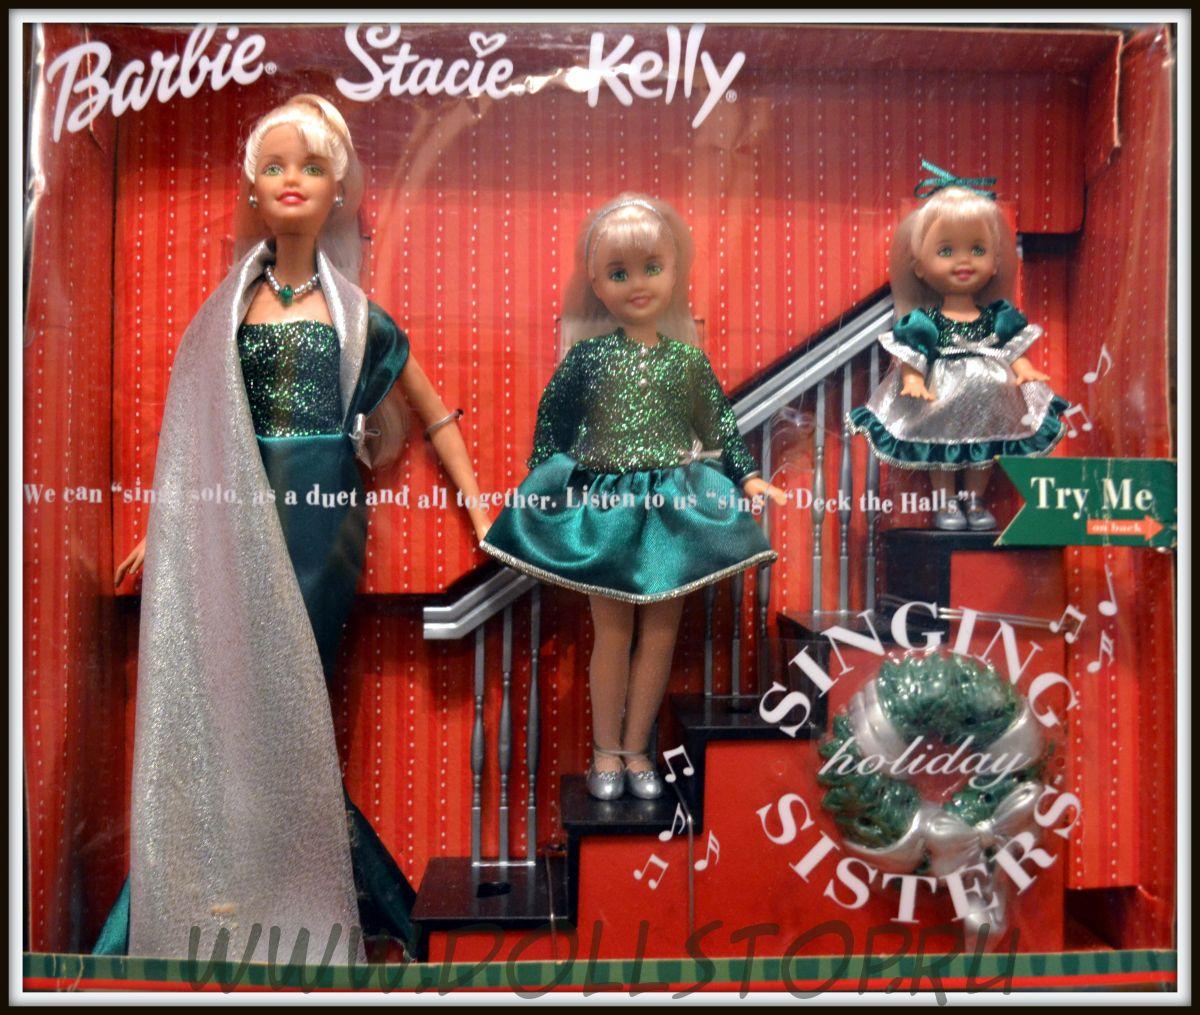 """Куклы Барби, Стейси и Келли, Рождественский сет """"Поющие сестры"""" - Singing Sisters Holiday, Barbie, Stacie, Kelly dolls set 2000"""